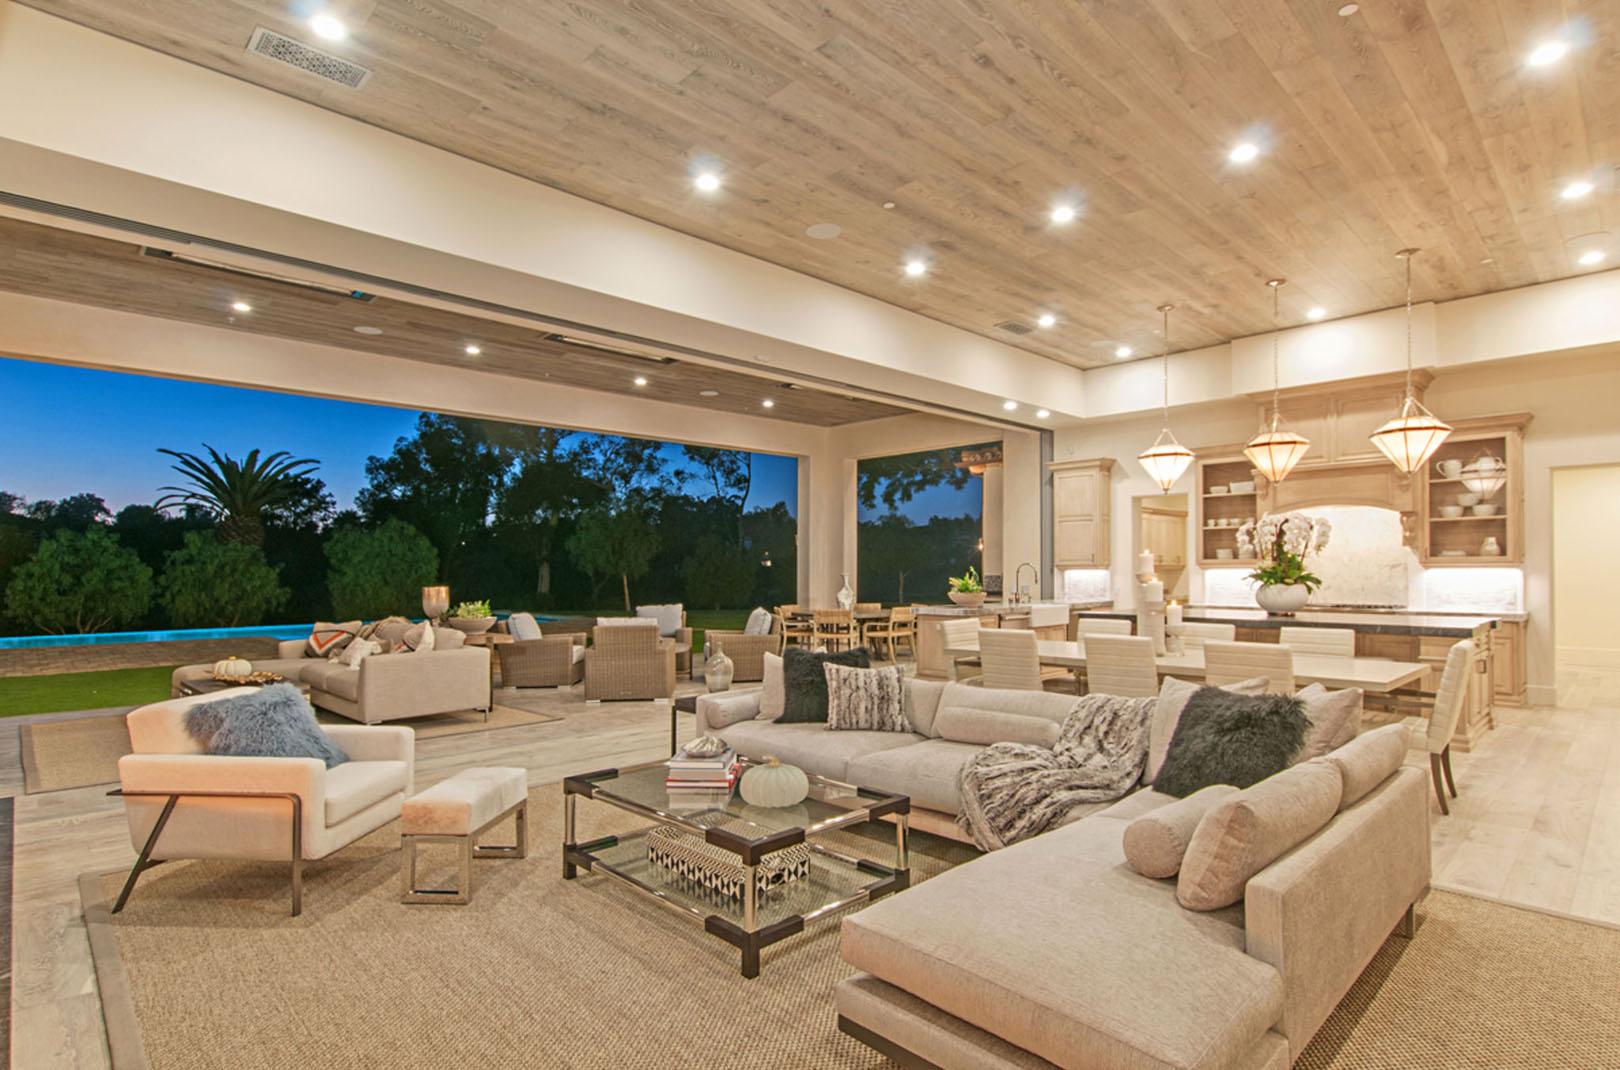 interni case di lusso classiche; Luxury Villa For Sale In The United States Miami New York Charleston